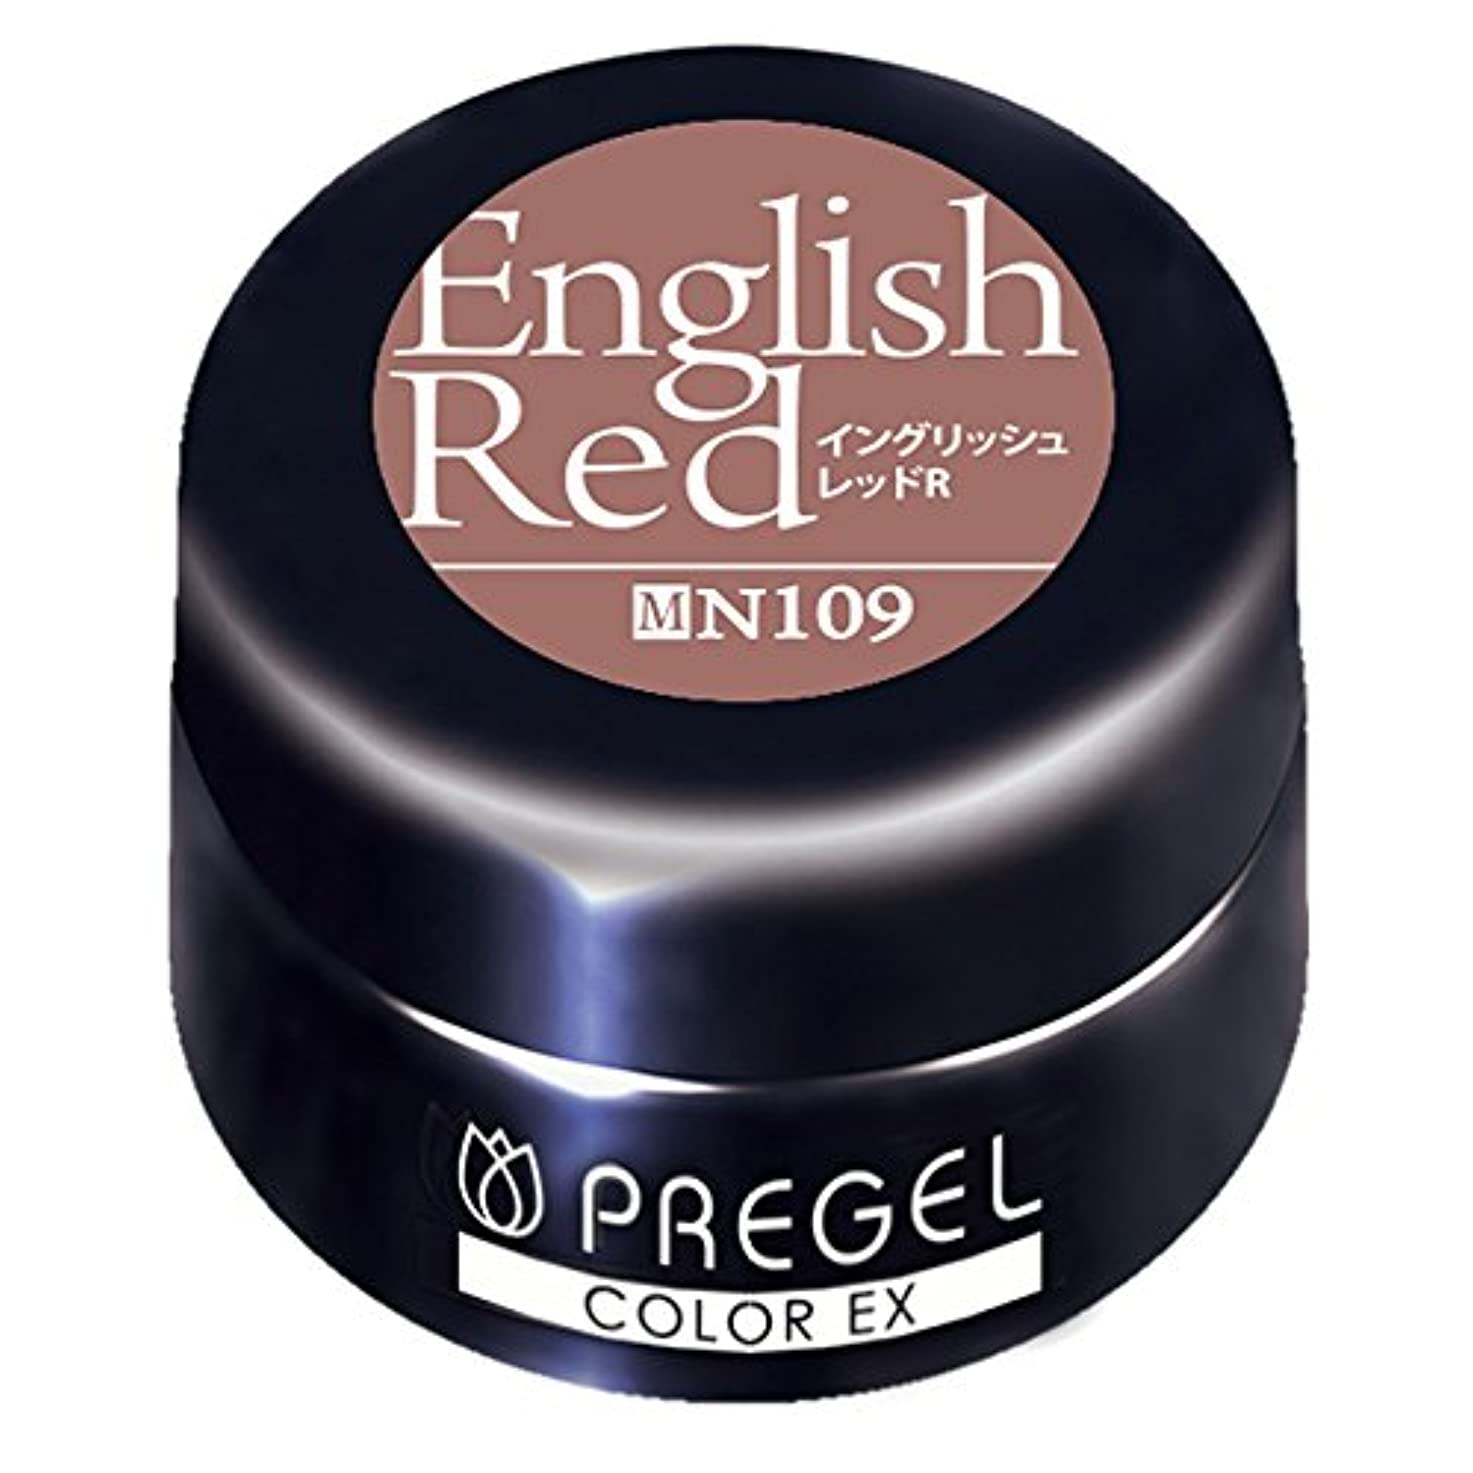 ズボンパケット切断するPRE GEL カラージェル カラーEX イングリッシュレッド R109 3g UV/LED対応タイオウ